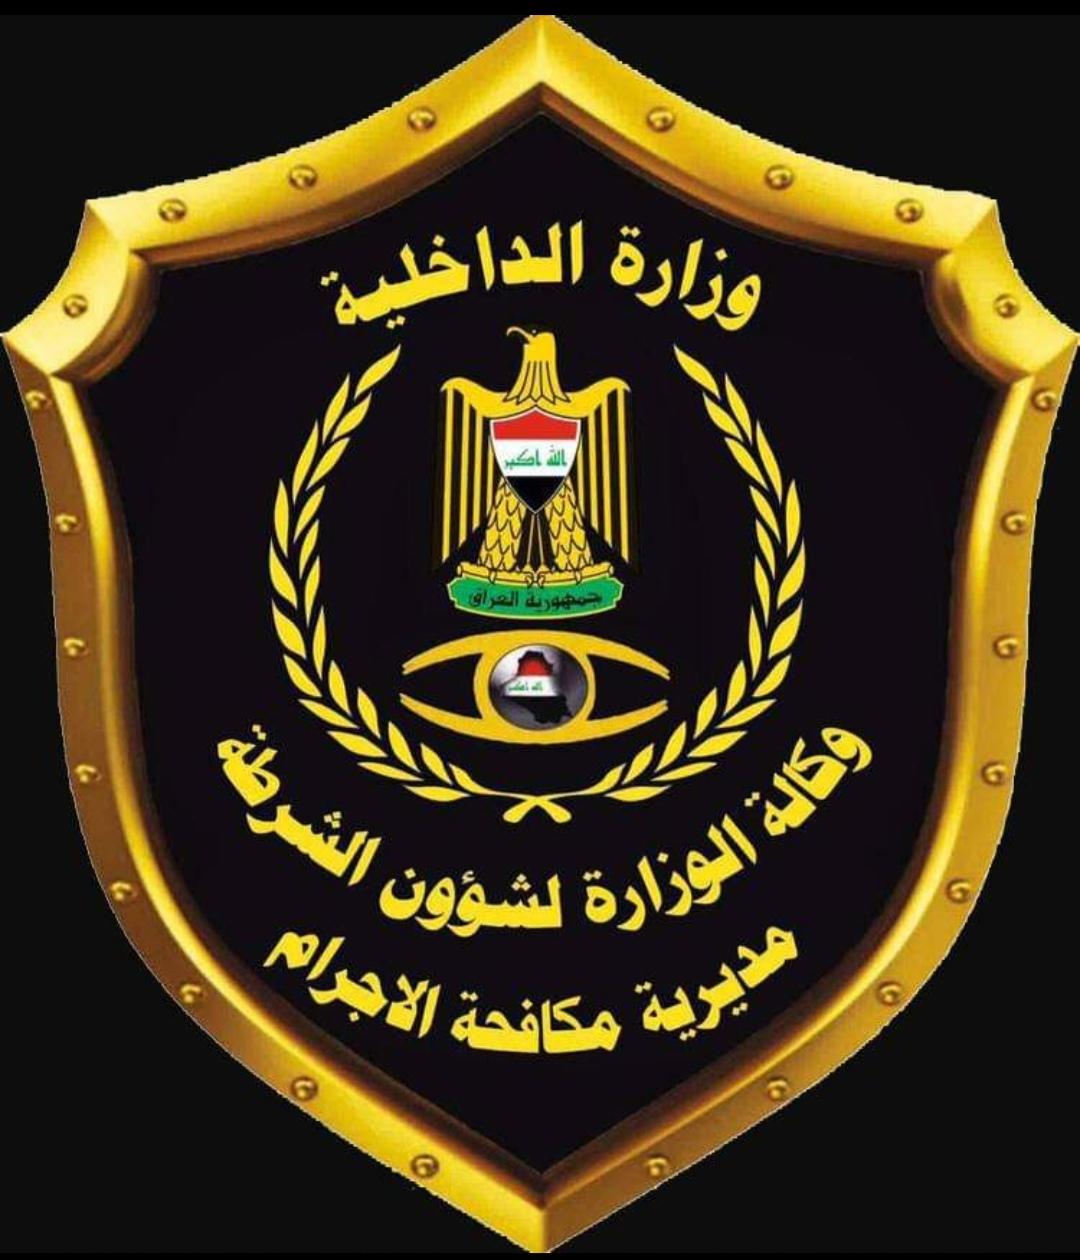 مكافحة اجرام بغداد تلقي  القبض على متهمين اثنين بالقتل وآخرين ينتحلان صفة موظفين